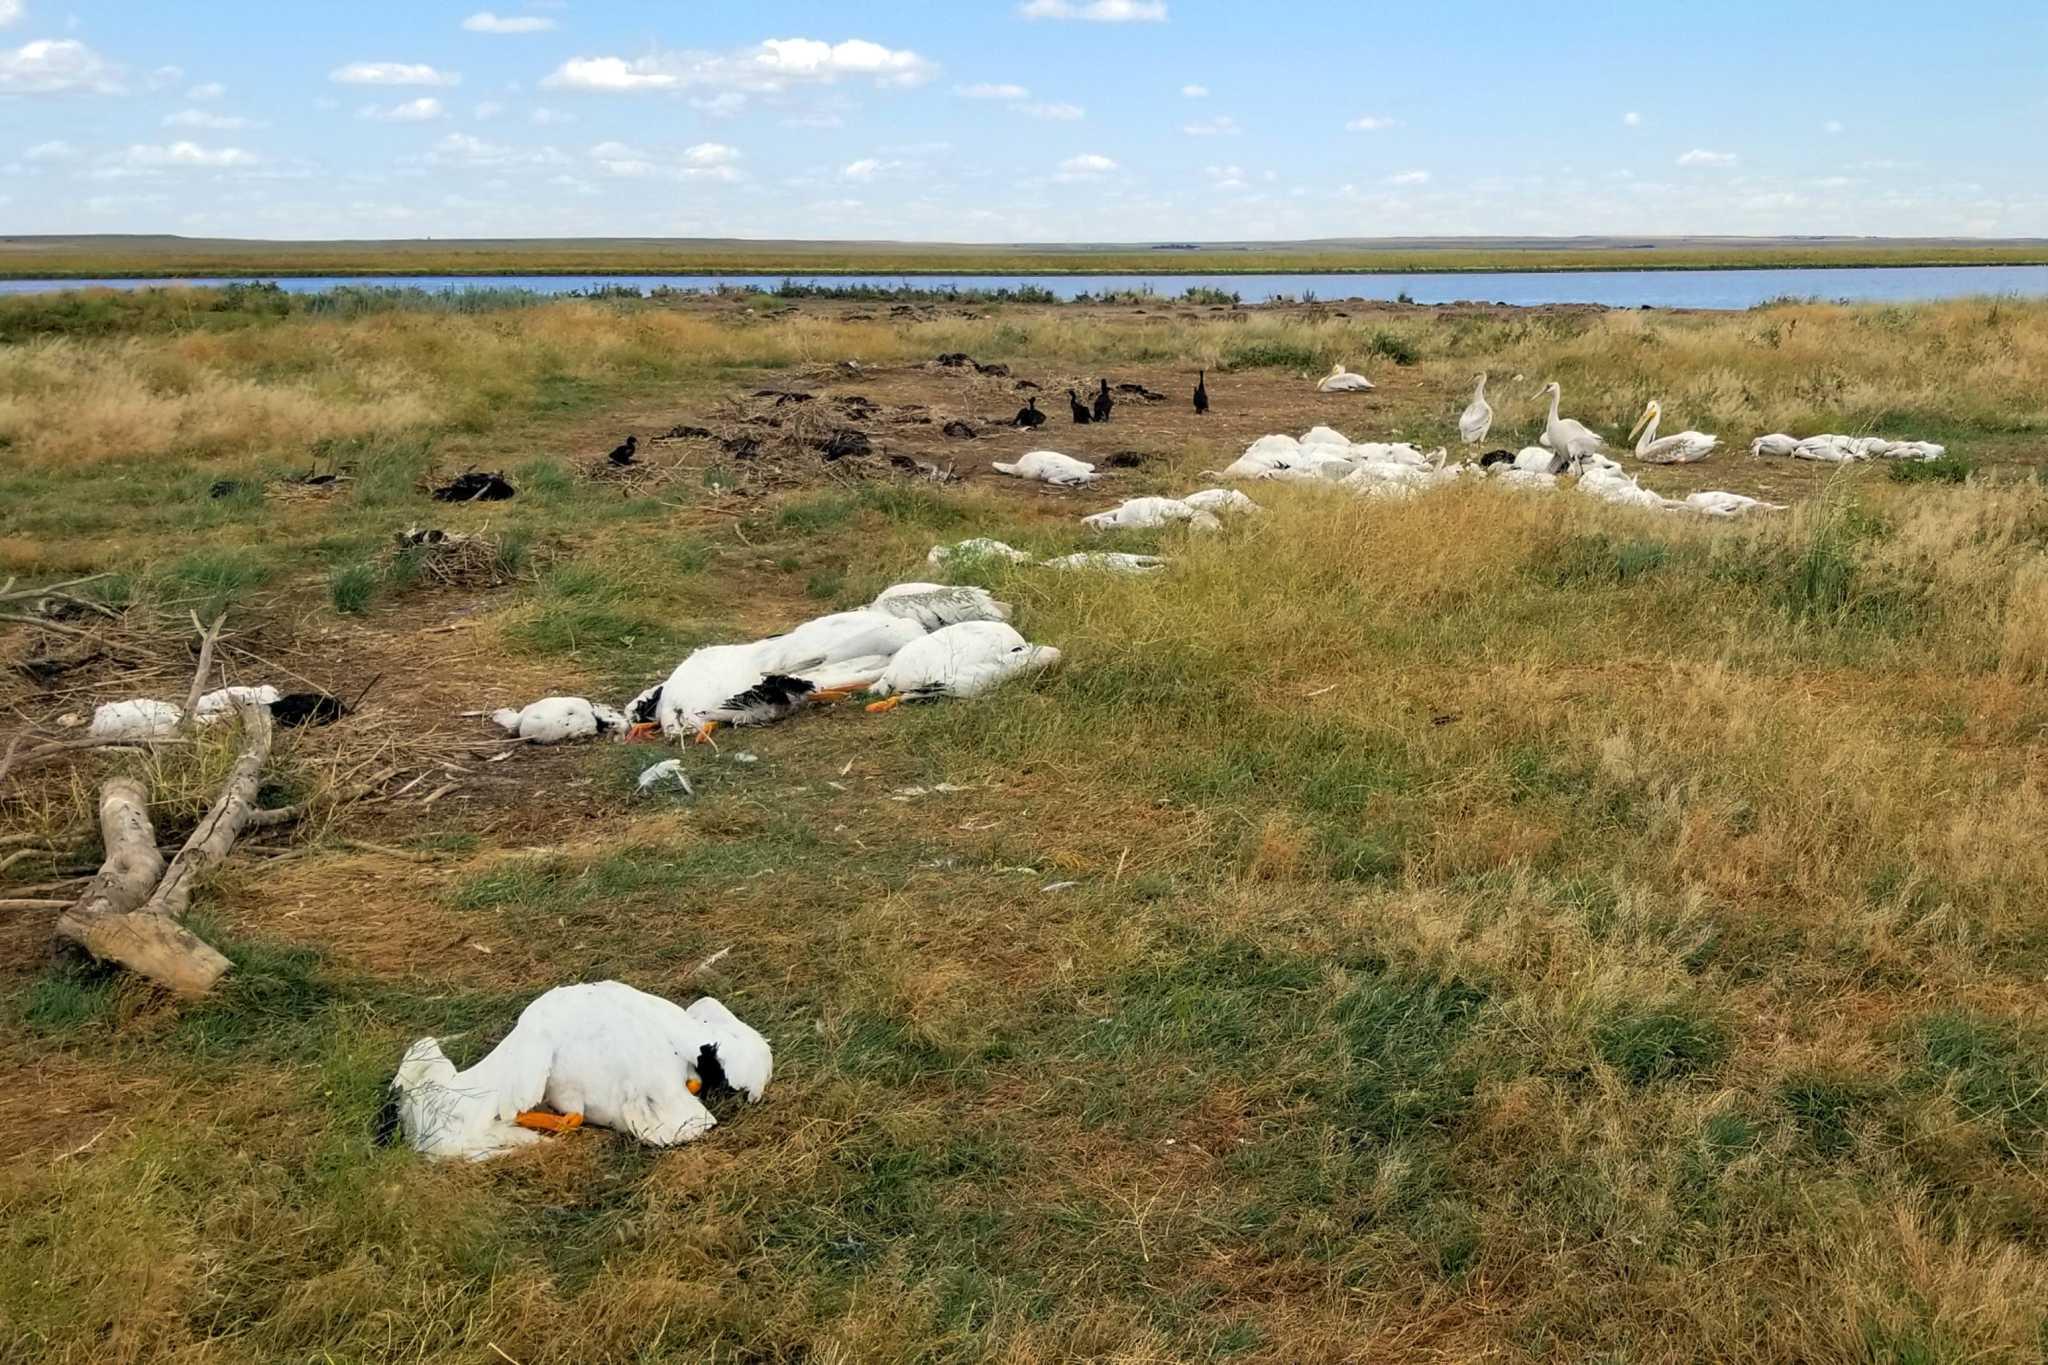 Montana Hailstorm Slaughters 11 000 Birds